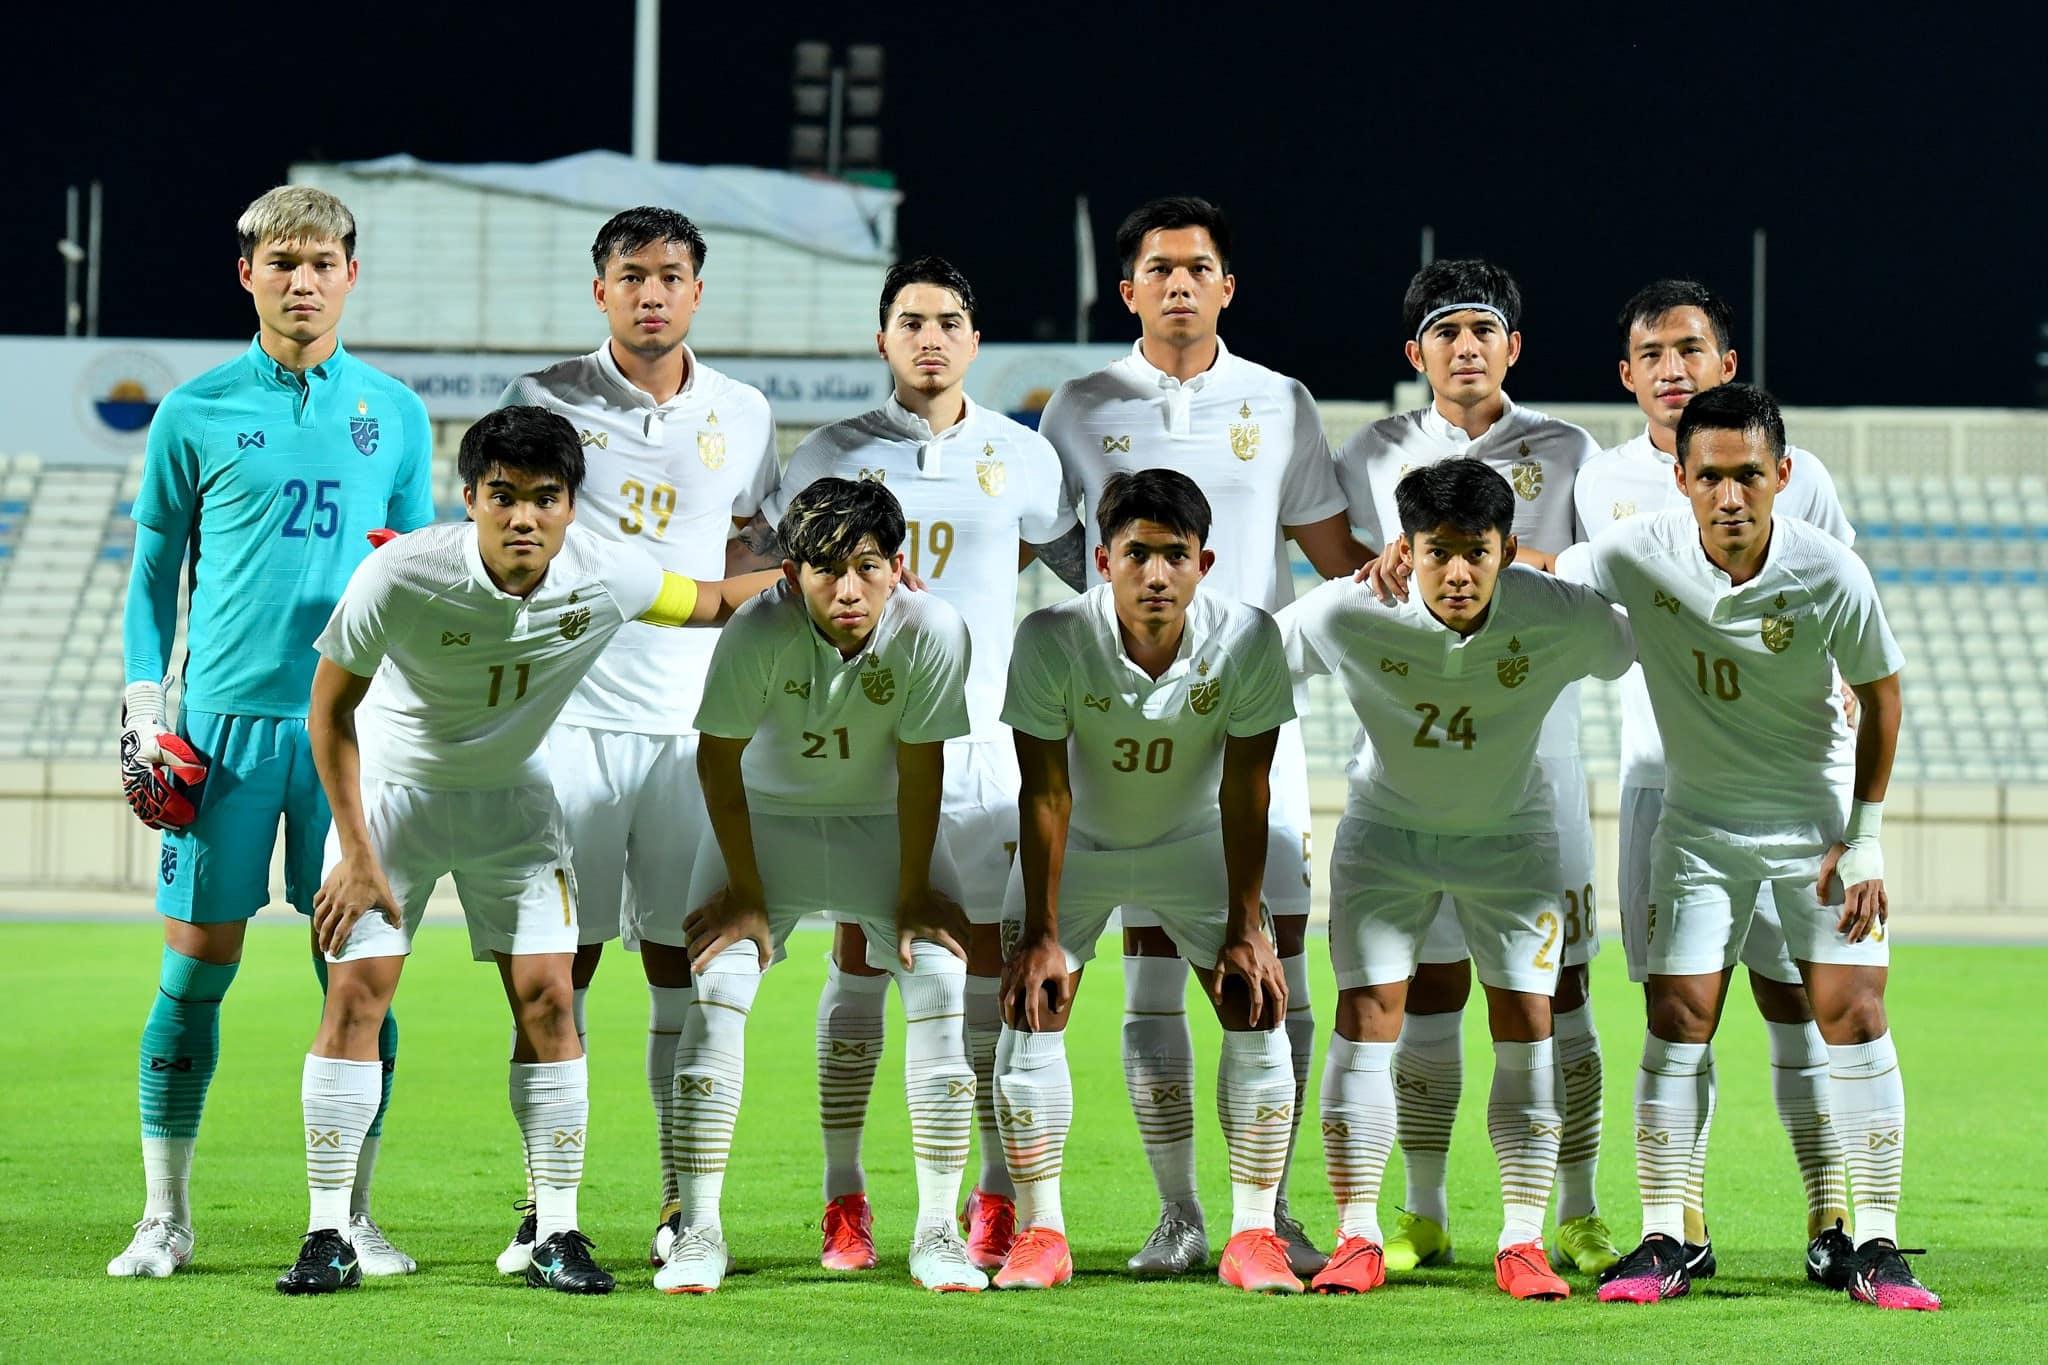 ฟุตบอลทีมชาติไทย ฟุตบอลบอลโลก